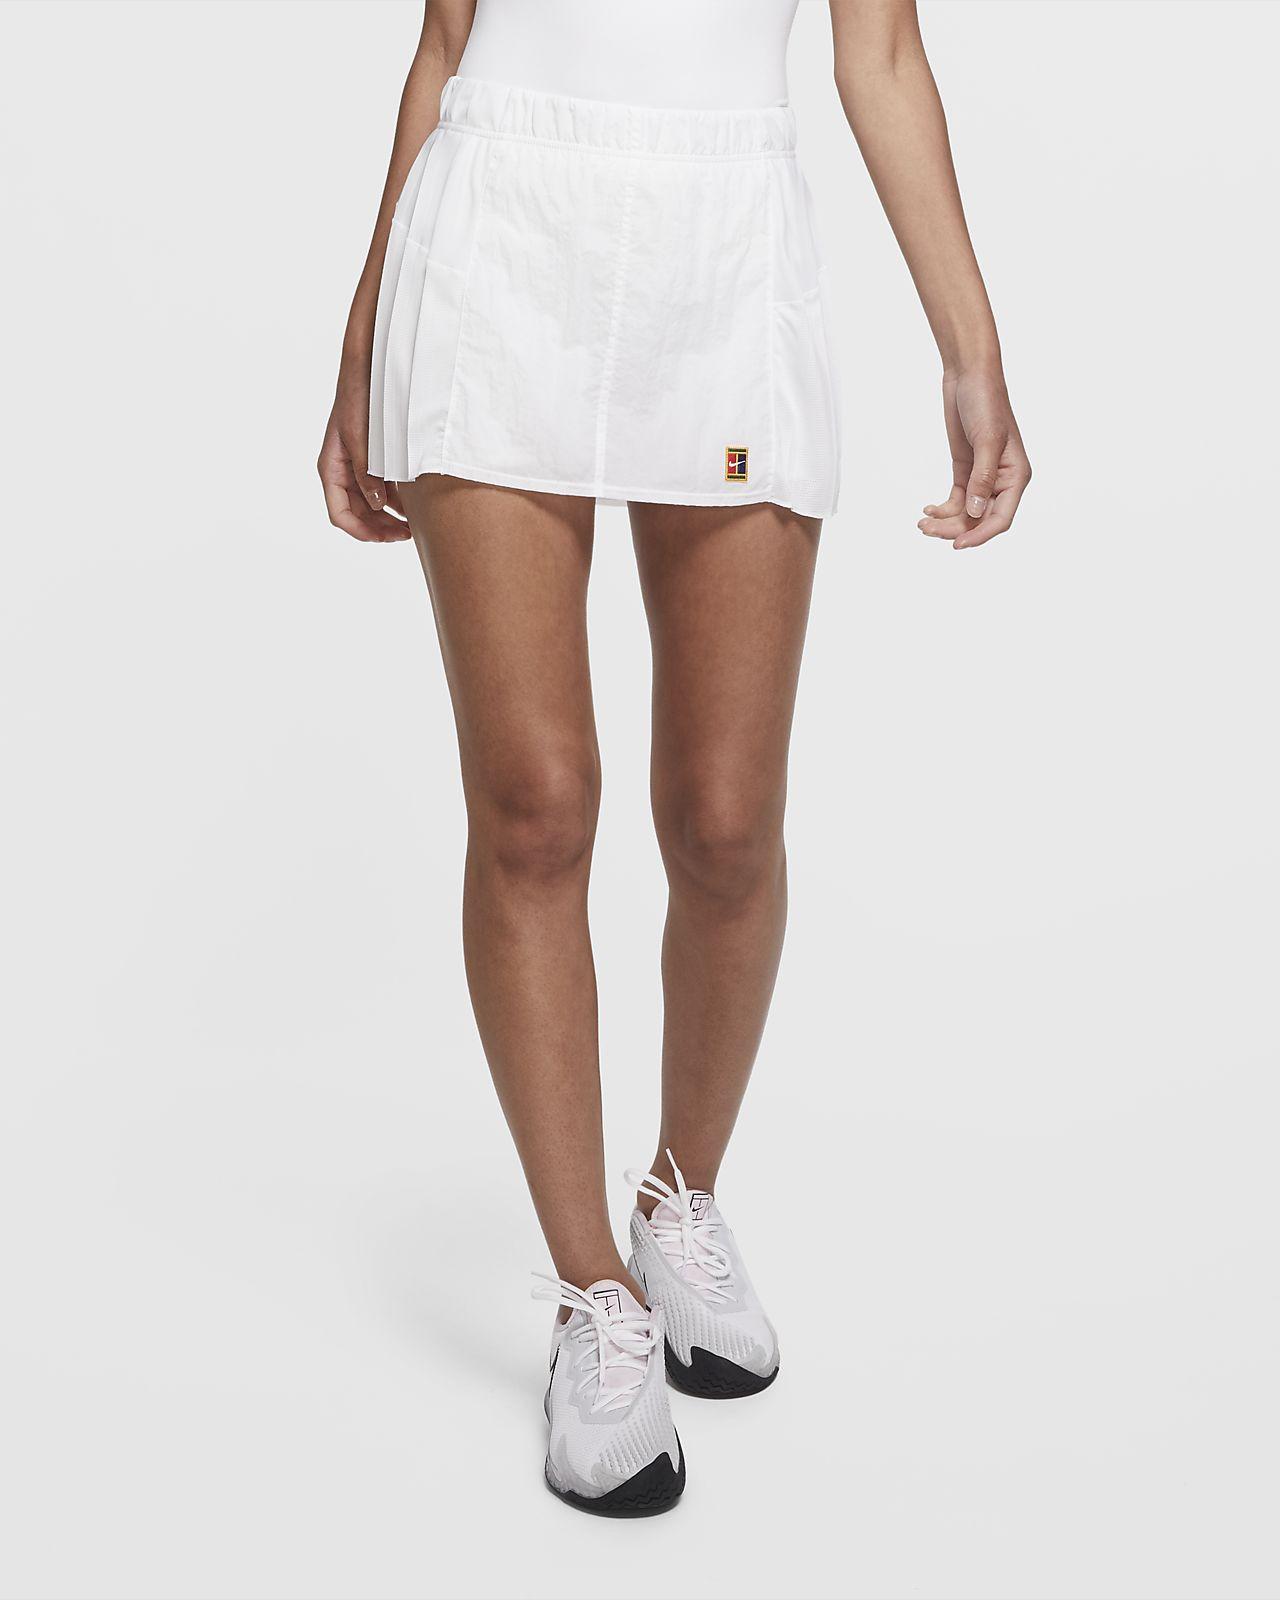 NikeCourt Slam Women's Tennis Skirt